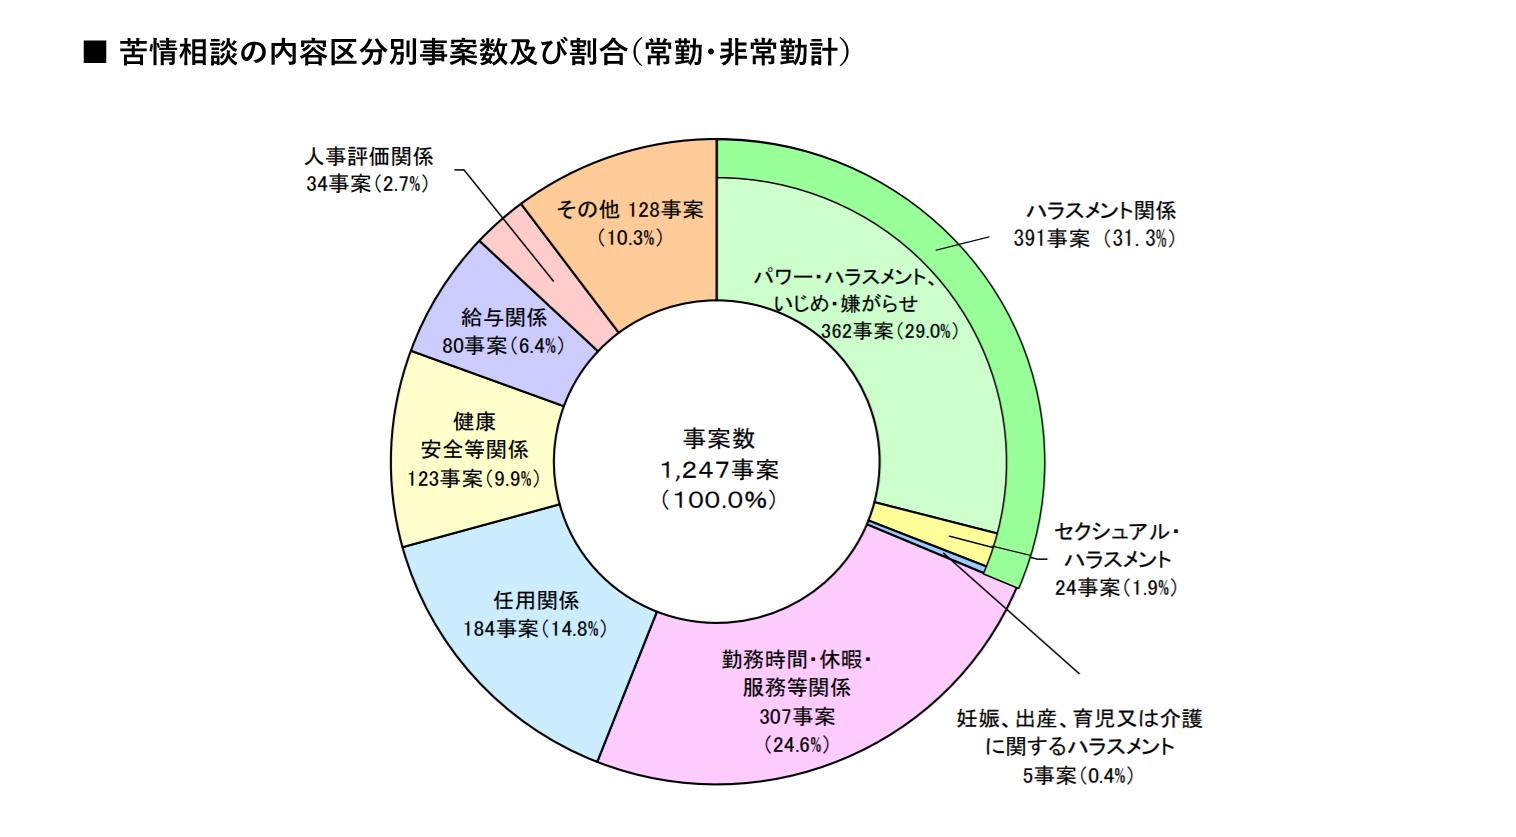 苦情相談の内容区分別事案数及び割合(常勤・非常勤計) イメージ画像